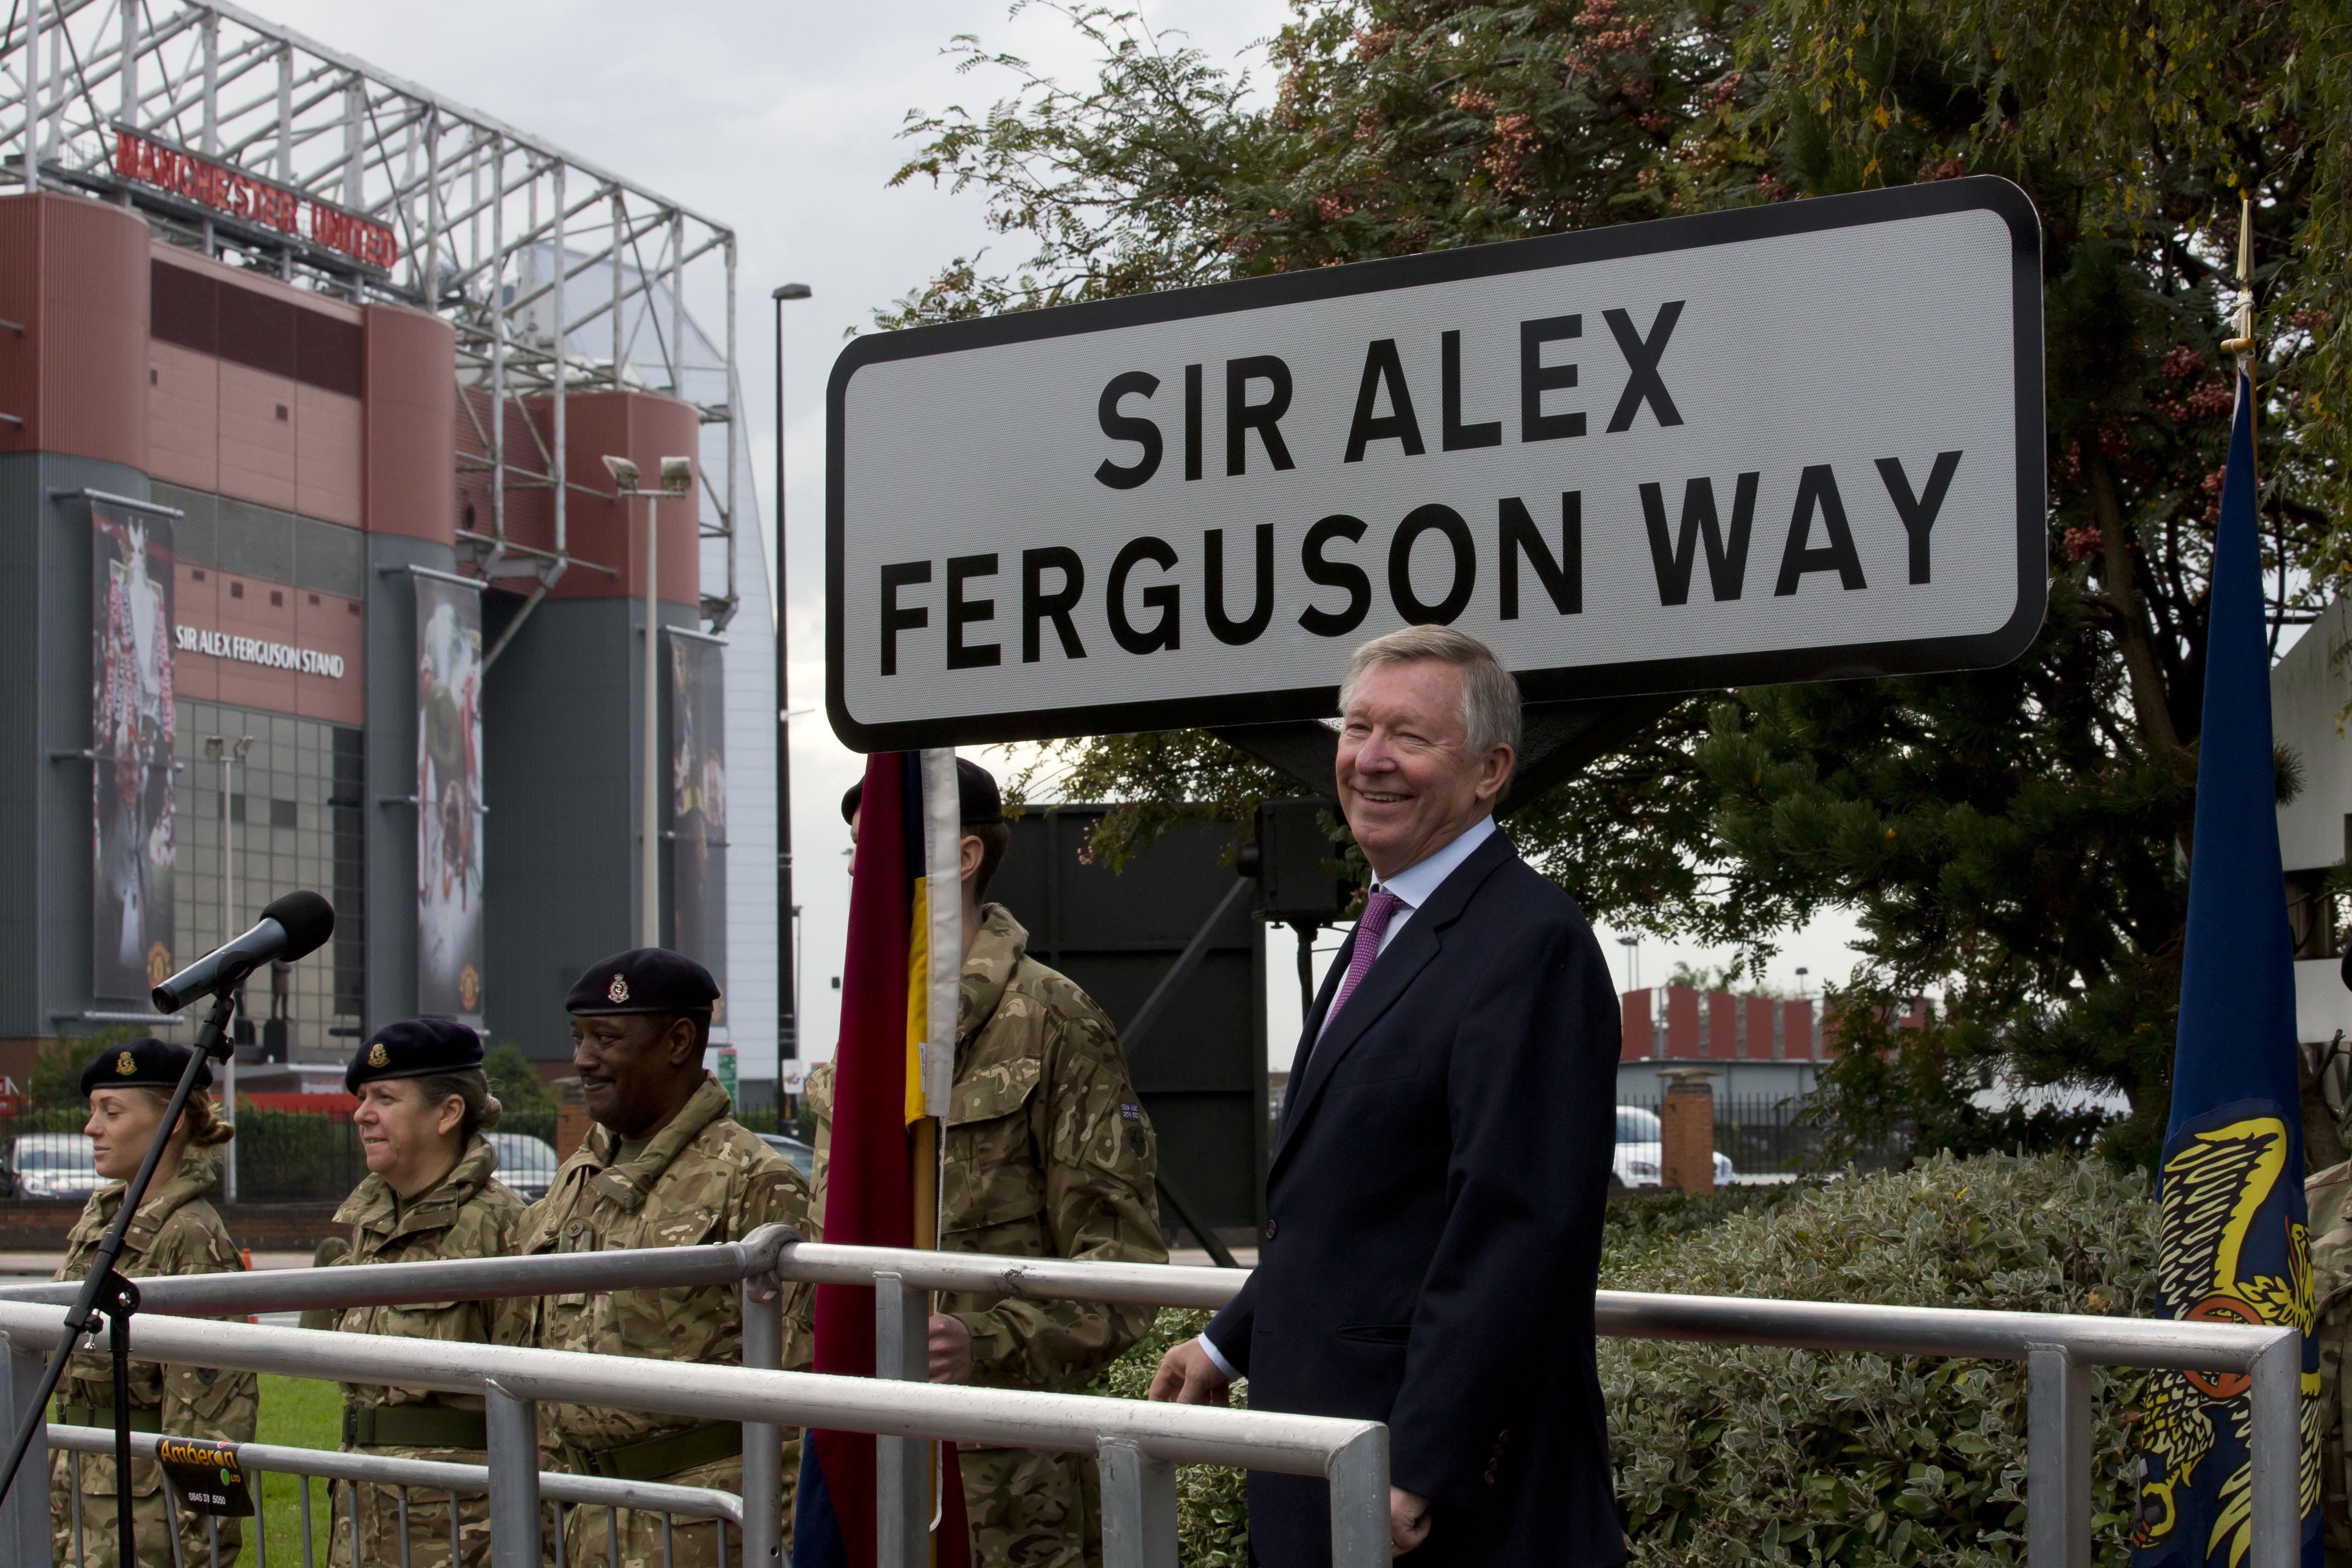 Именем Алекса Фергюсона назвали улицу в Манчестере